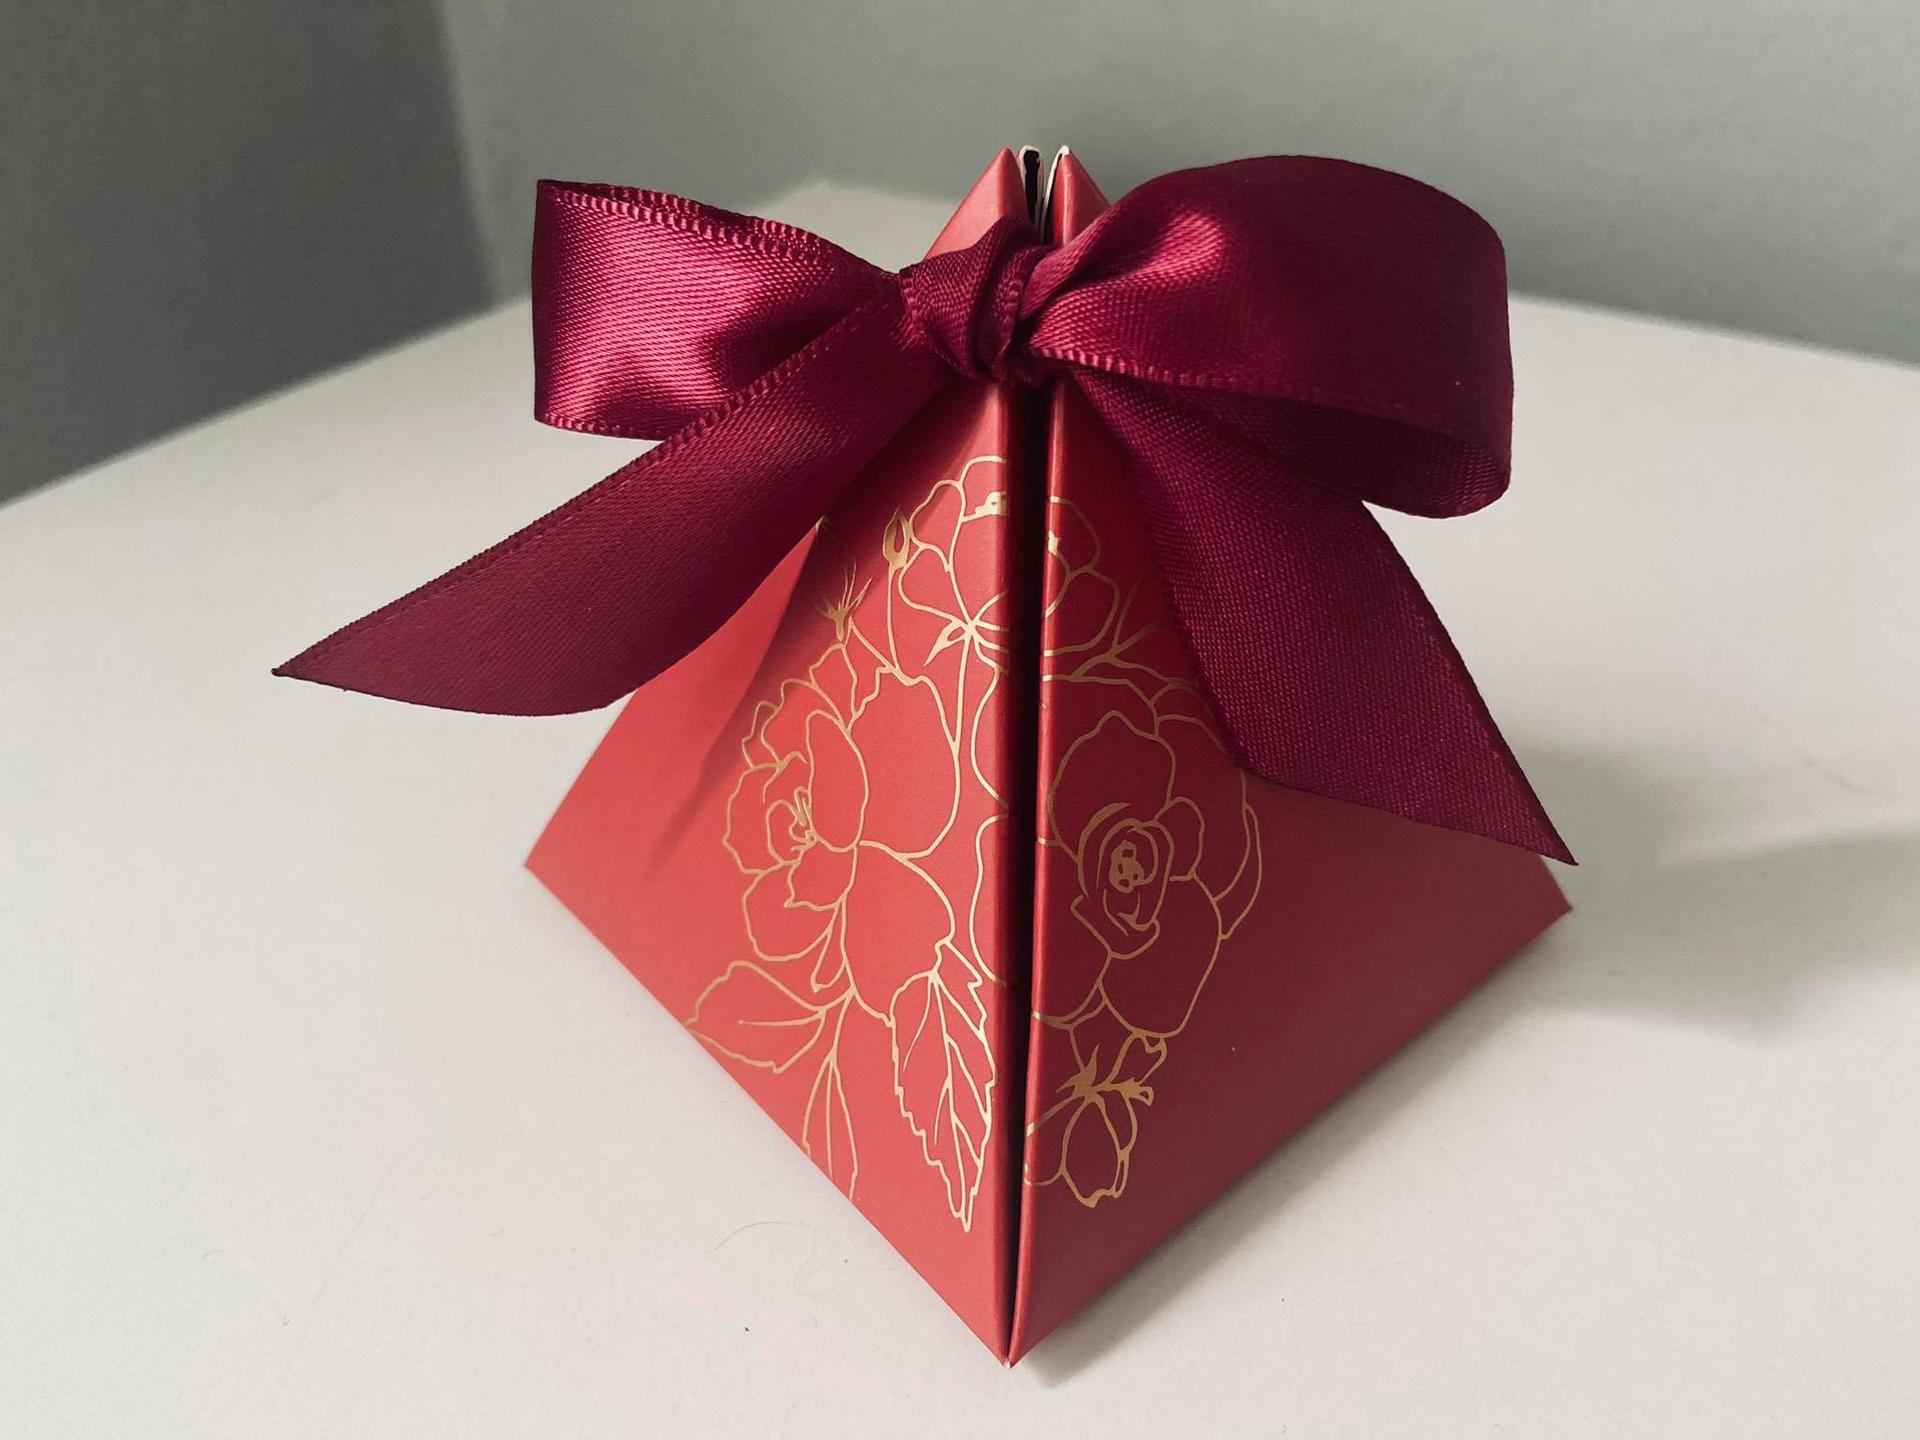 ❤︎M&T❤︎17.07.2021❤︎ - Darčeky pre svadobčanov, v krabičke bude koláčik šťastia s citatom o láske :)